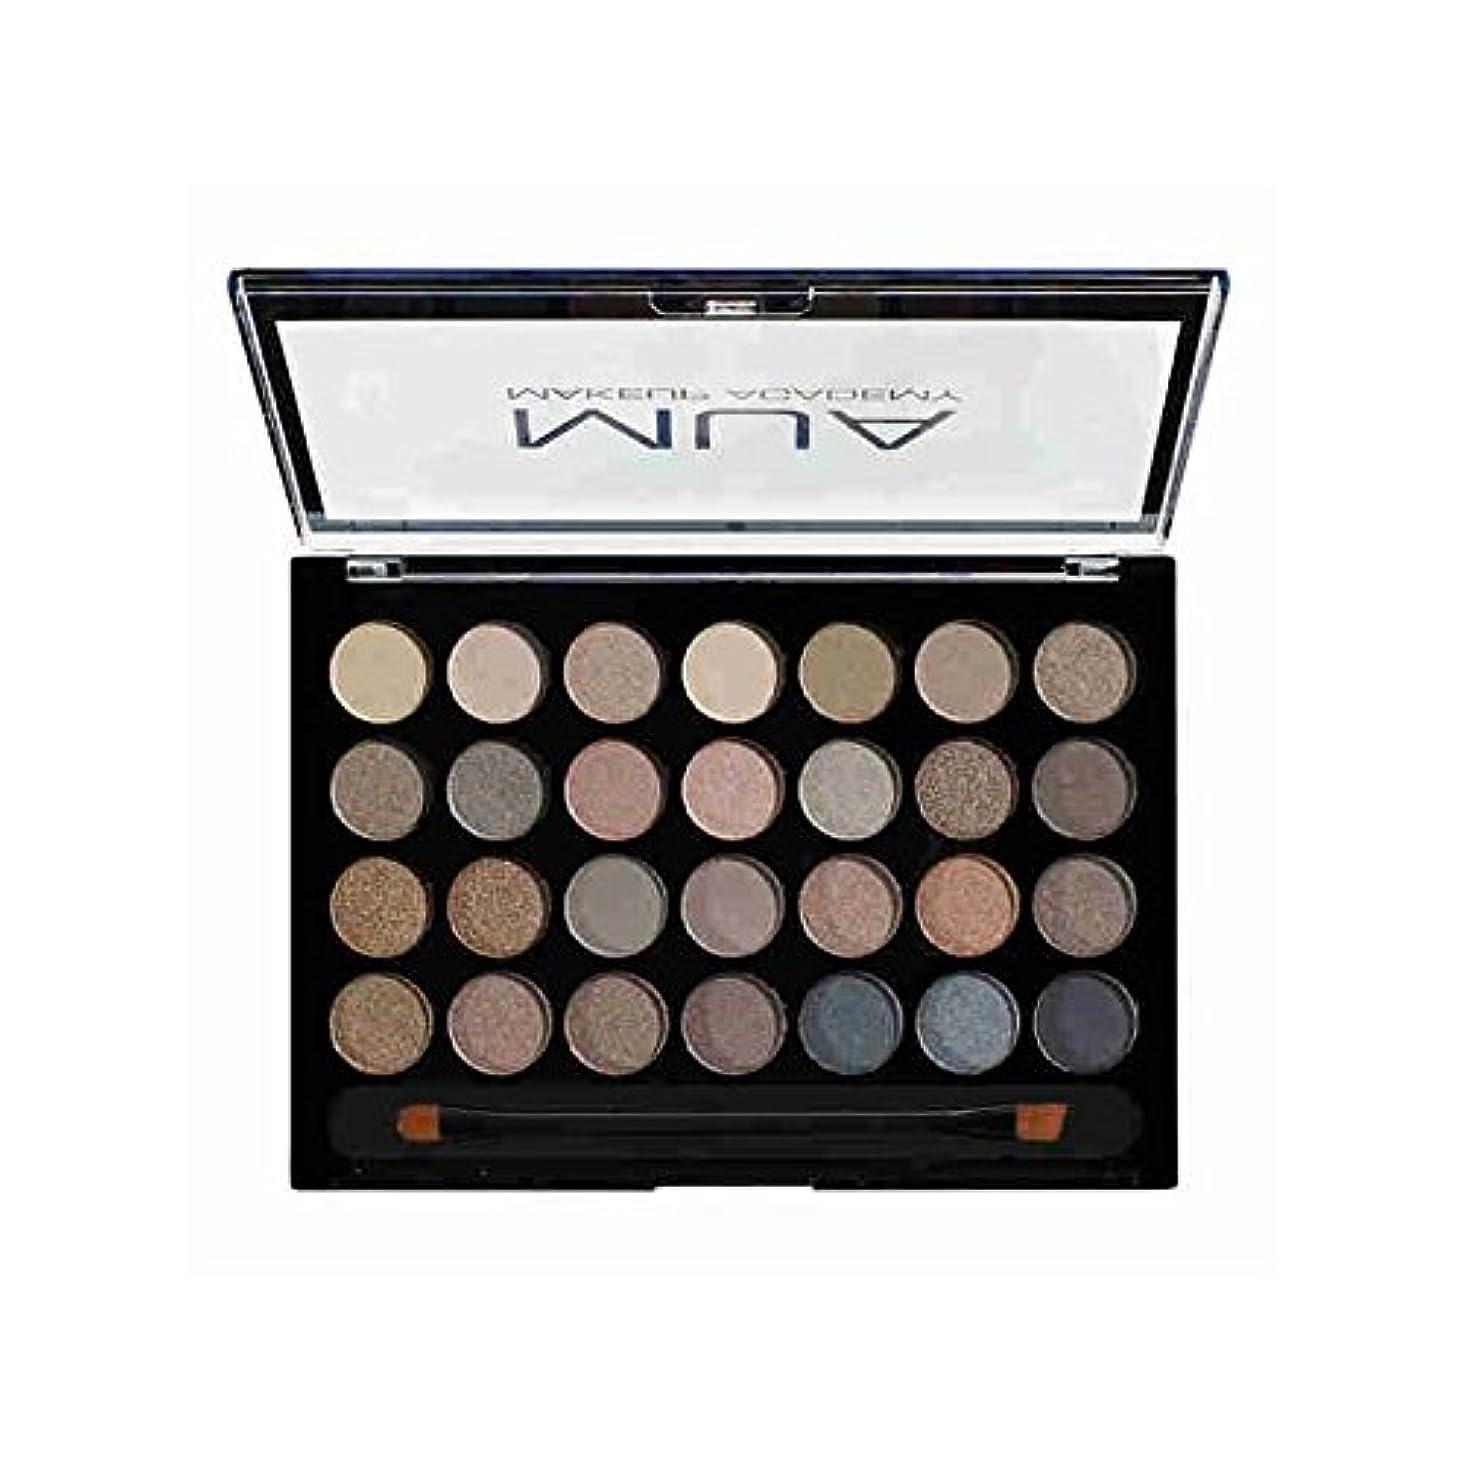 入場最大のオフMUA Eyeshadow Palette - Ultimate Undressed - 服を脱ぐ究極 - のアイシャドウパレット [並行輸入品]